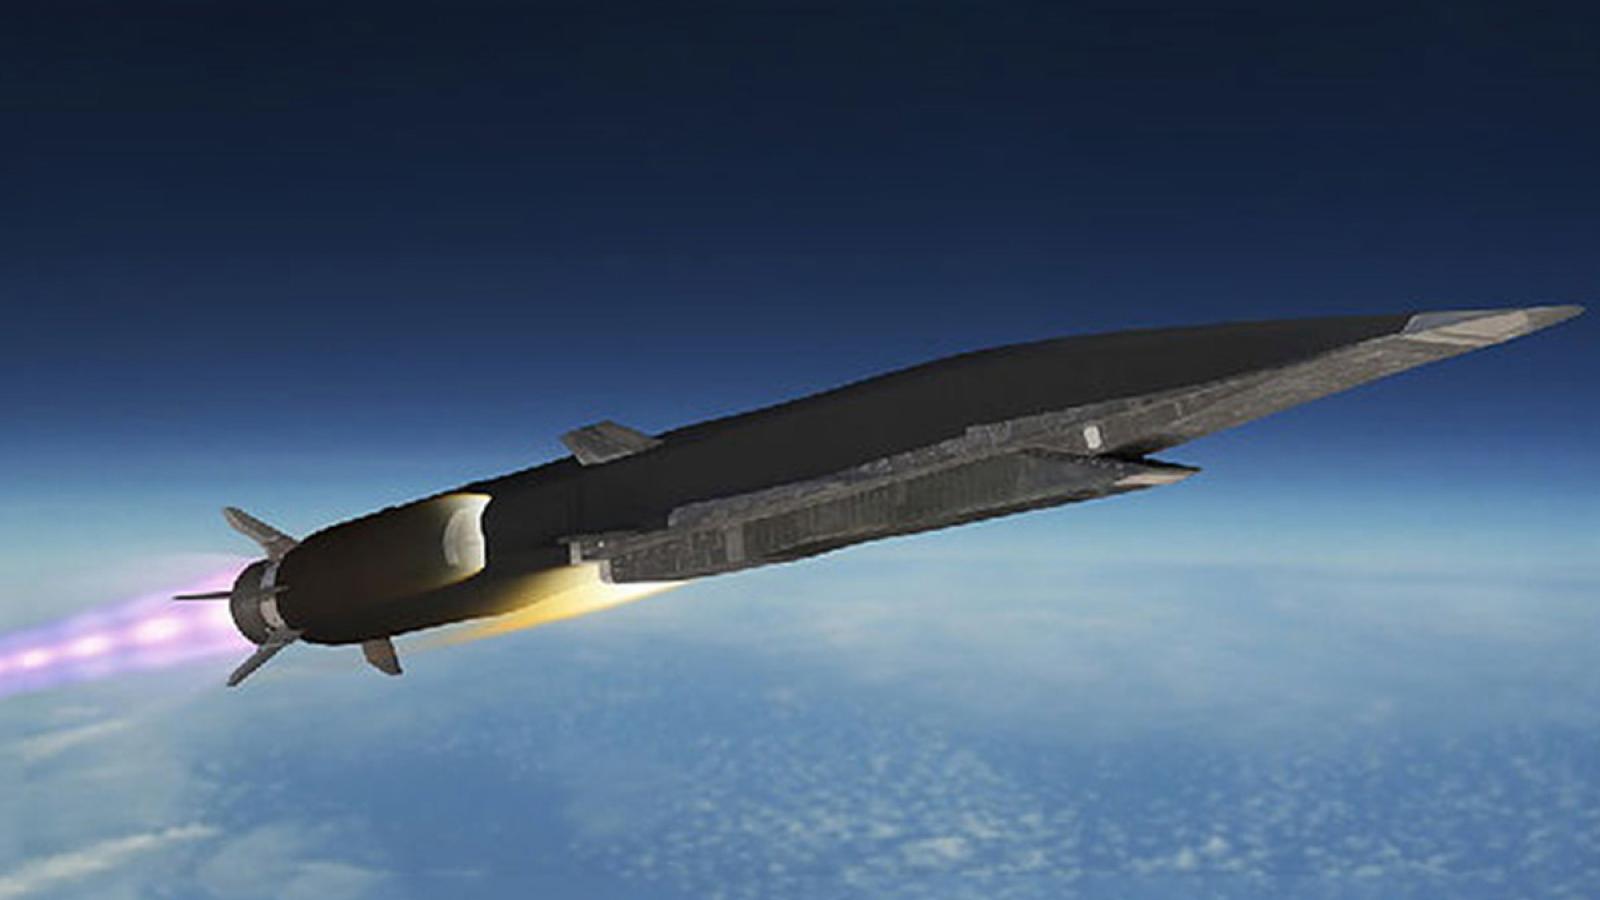 Nga phản đối việc Mỹ triển khai tên lửa siêu thanh ở châu Âu